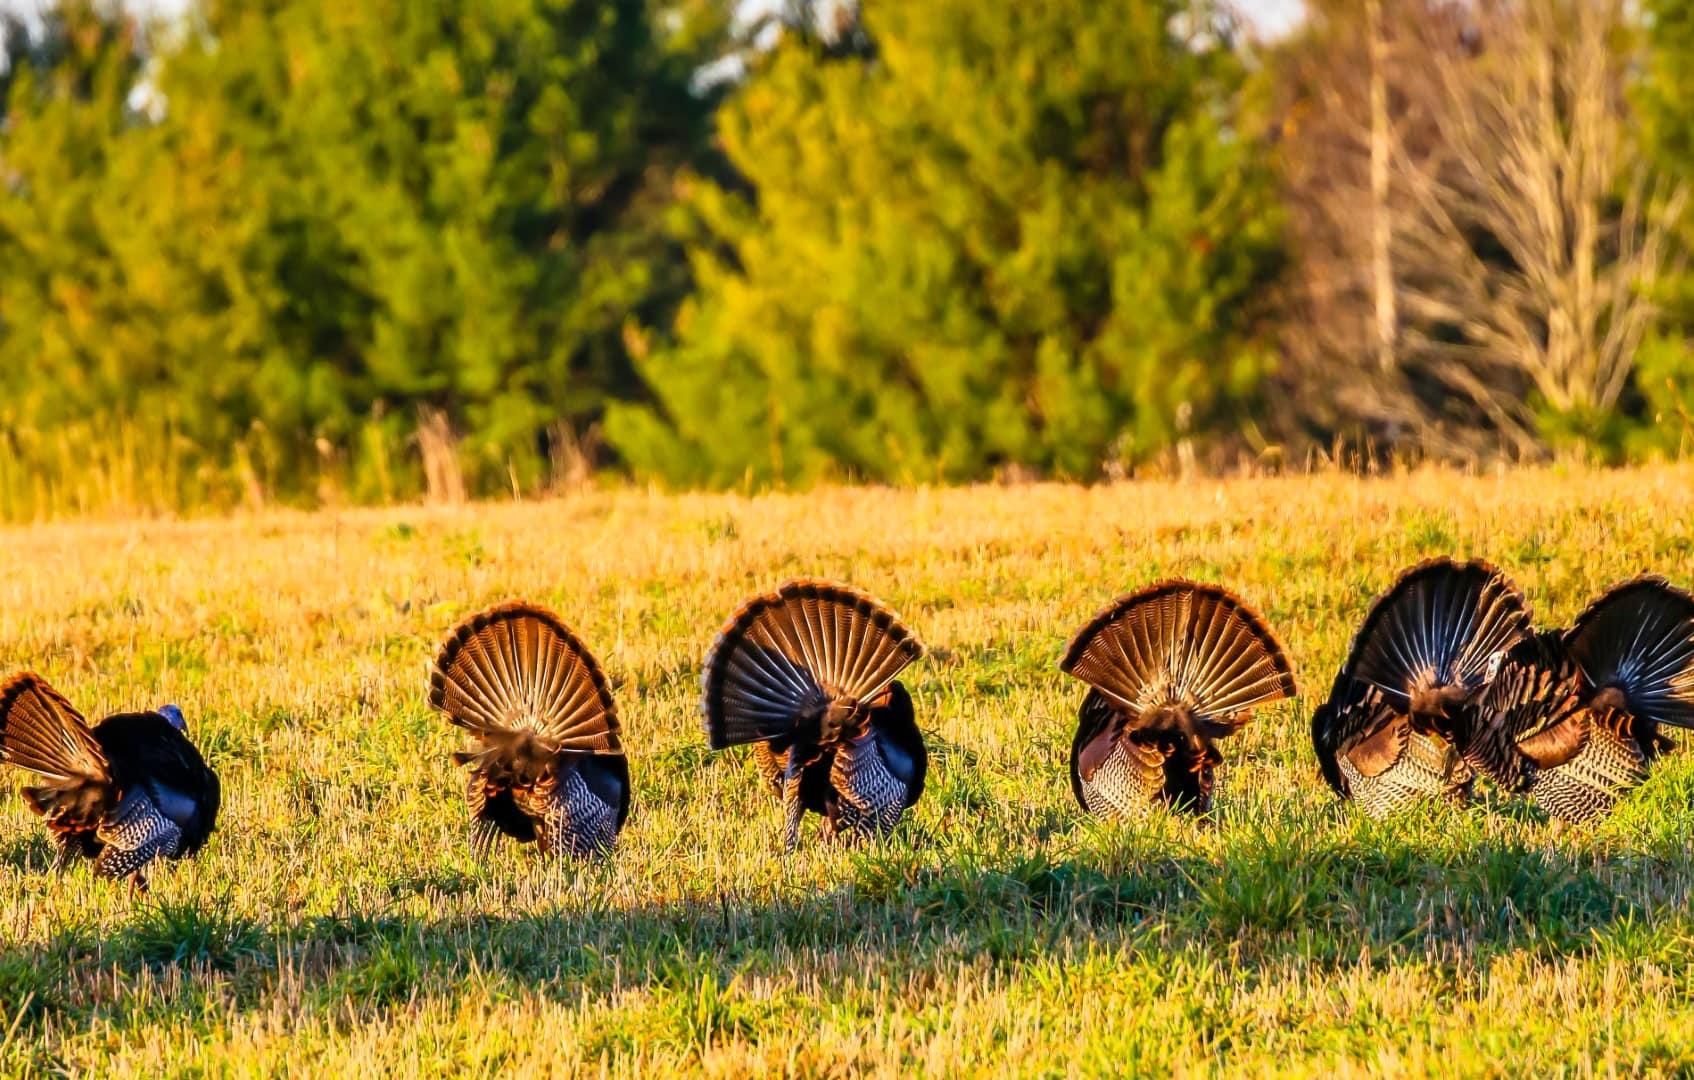 Turkey-2-Large.jpeg